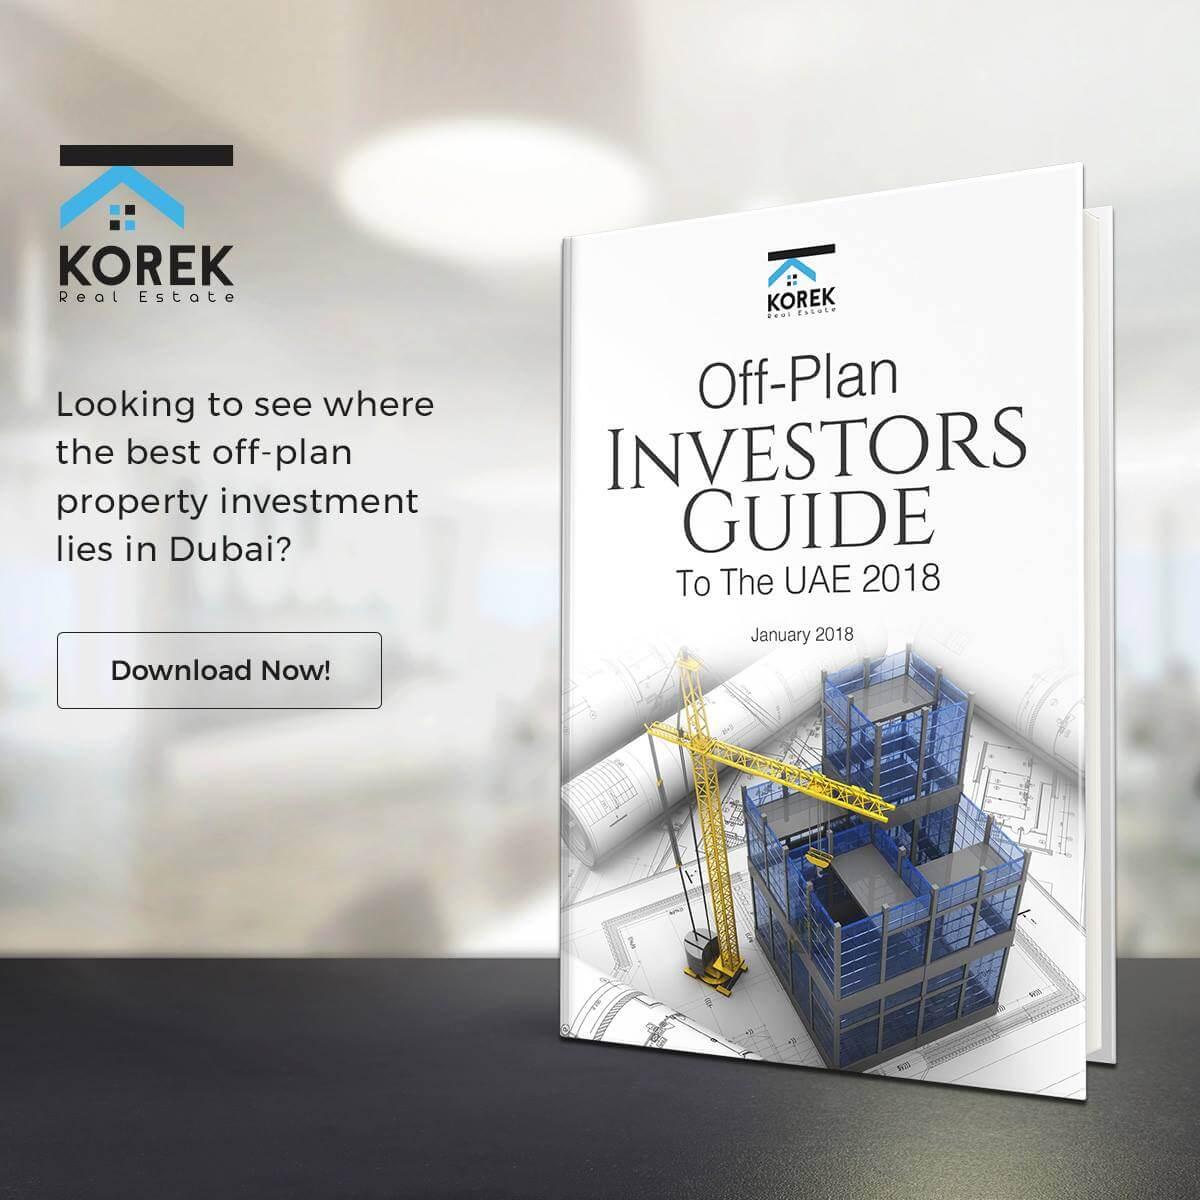 Korek Real Estate Guide